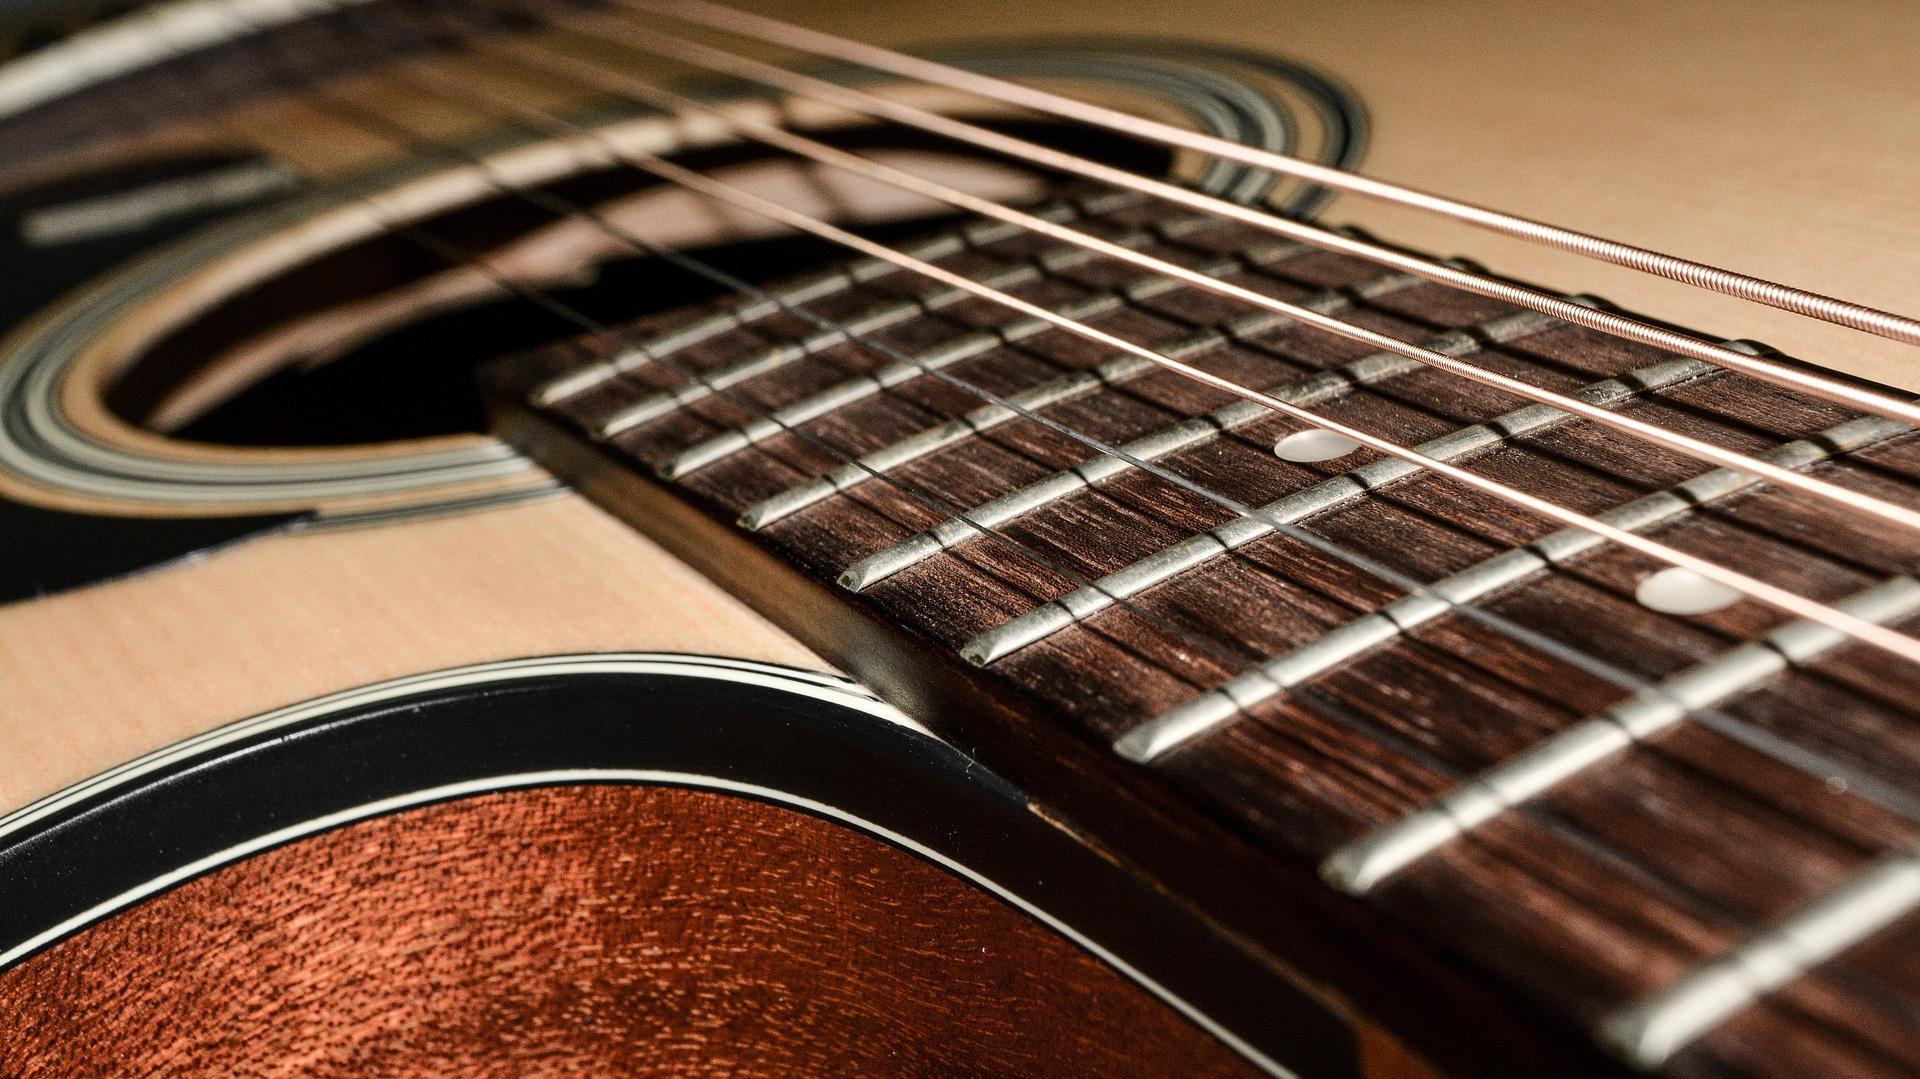 Guitare accoustique2_edited